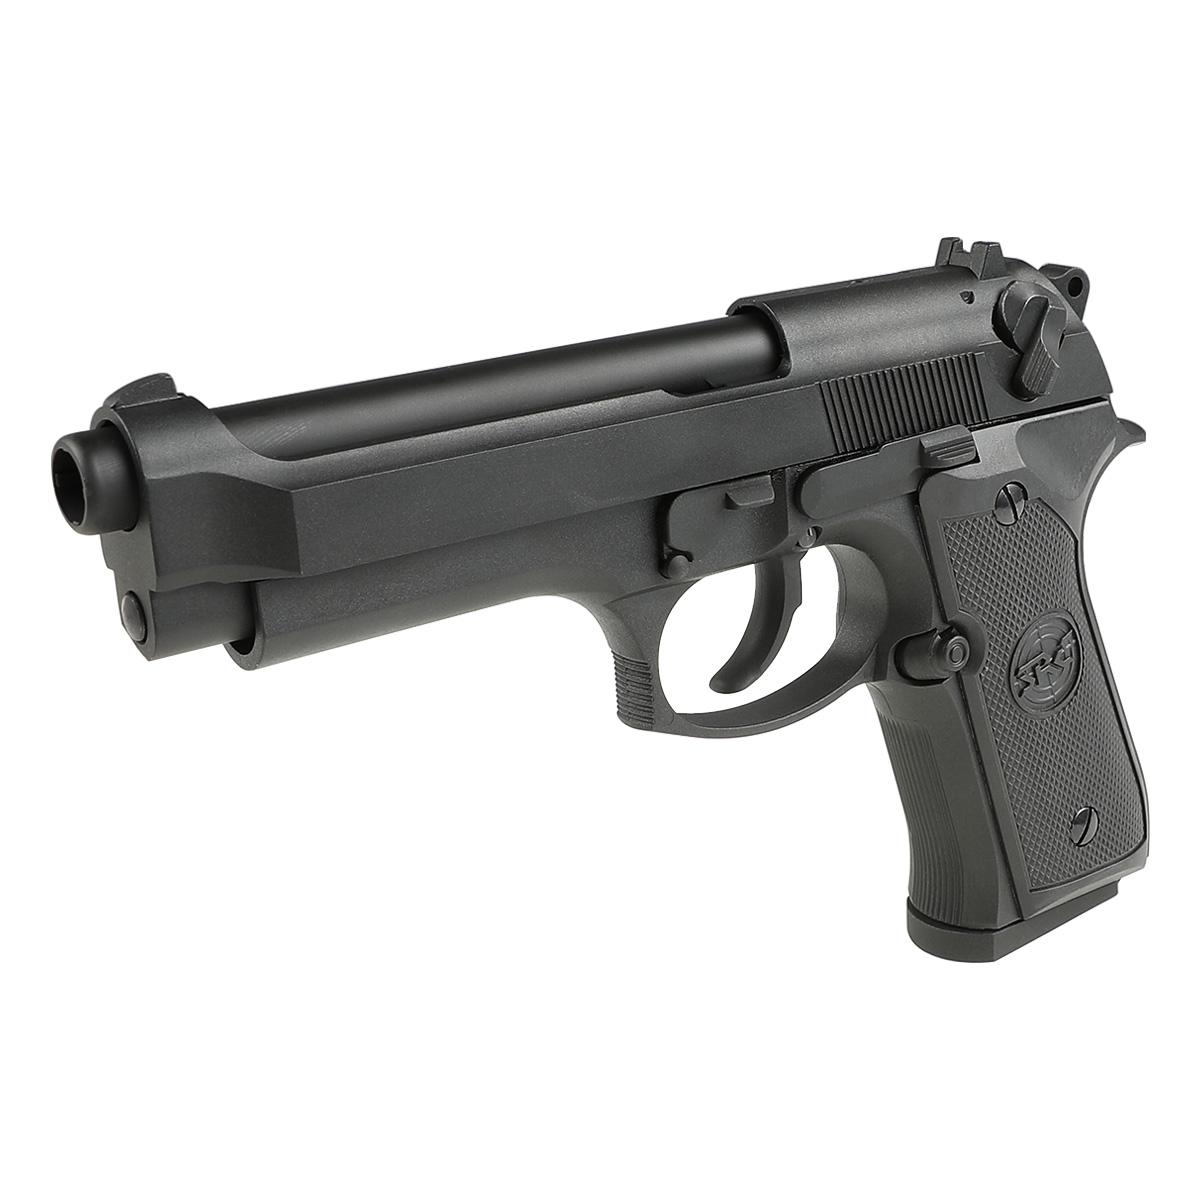 SRC M92 ガスブローバックピストル ハードケース付